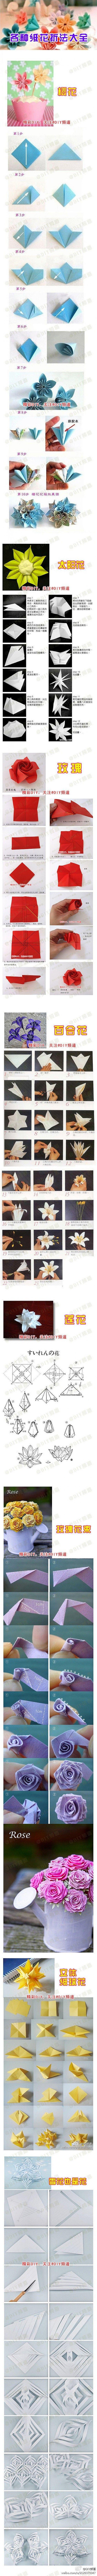 Leuk om zelf te maken   Vooral die rozen zijn mooi.... Zeker proberen!! Door braam